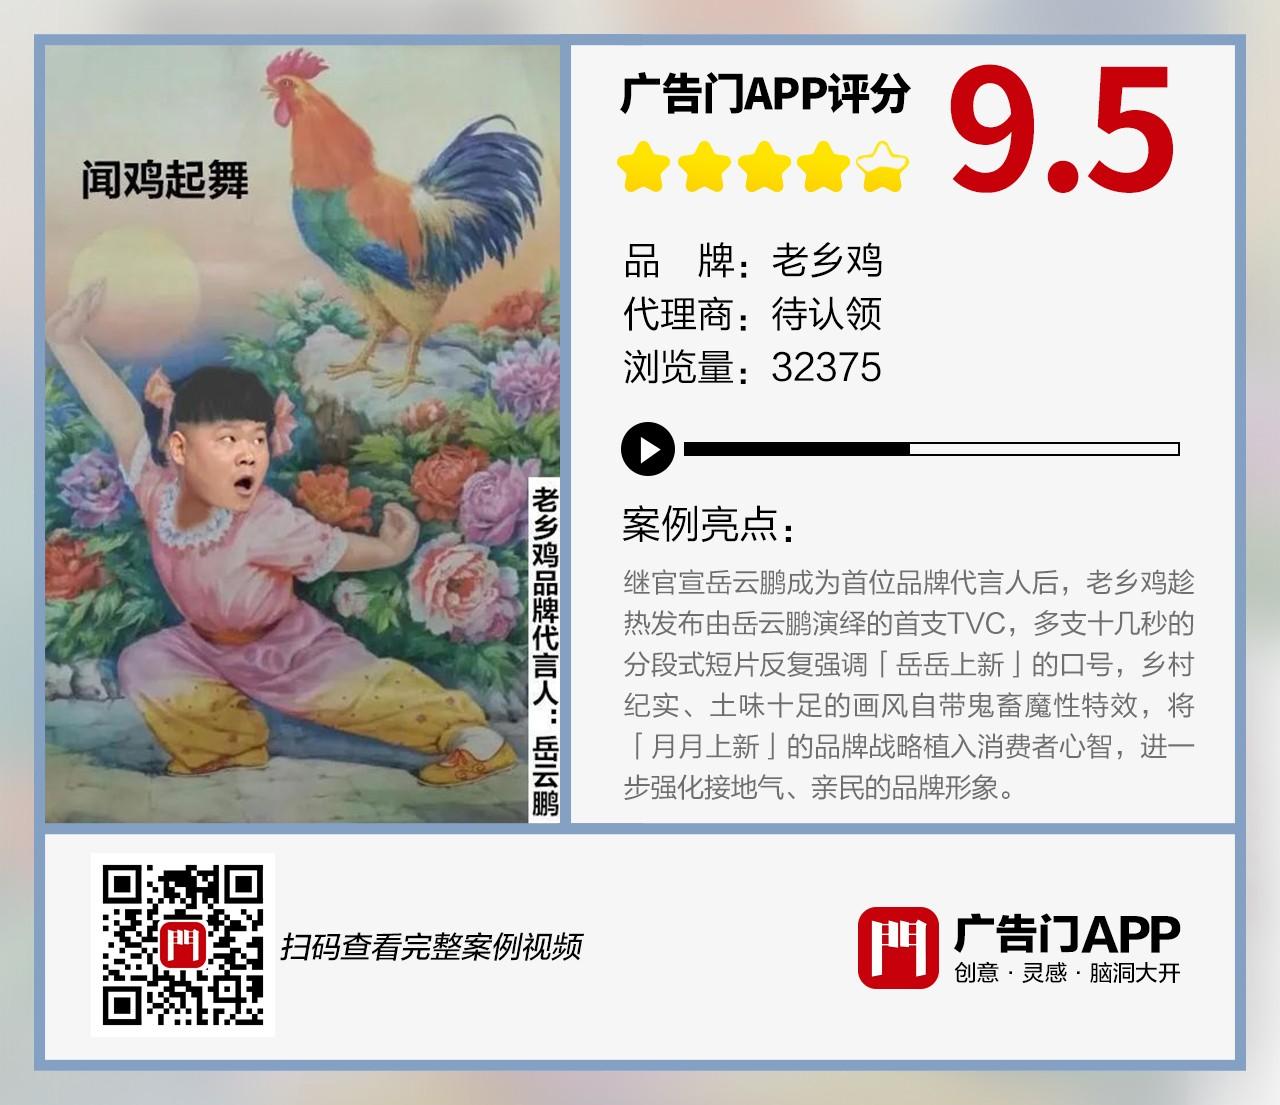 岳云鹏老乡鸡首支广告片 , 太鬼畜了!.jpg